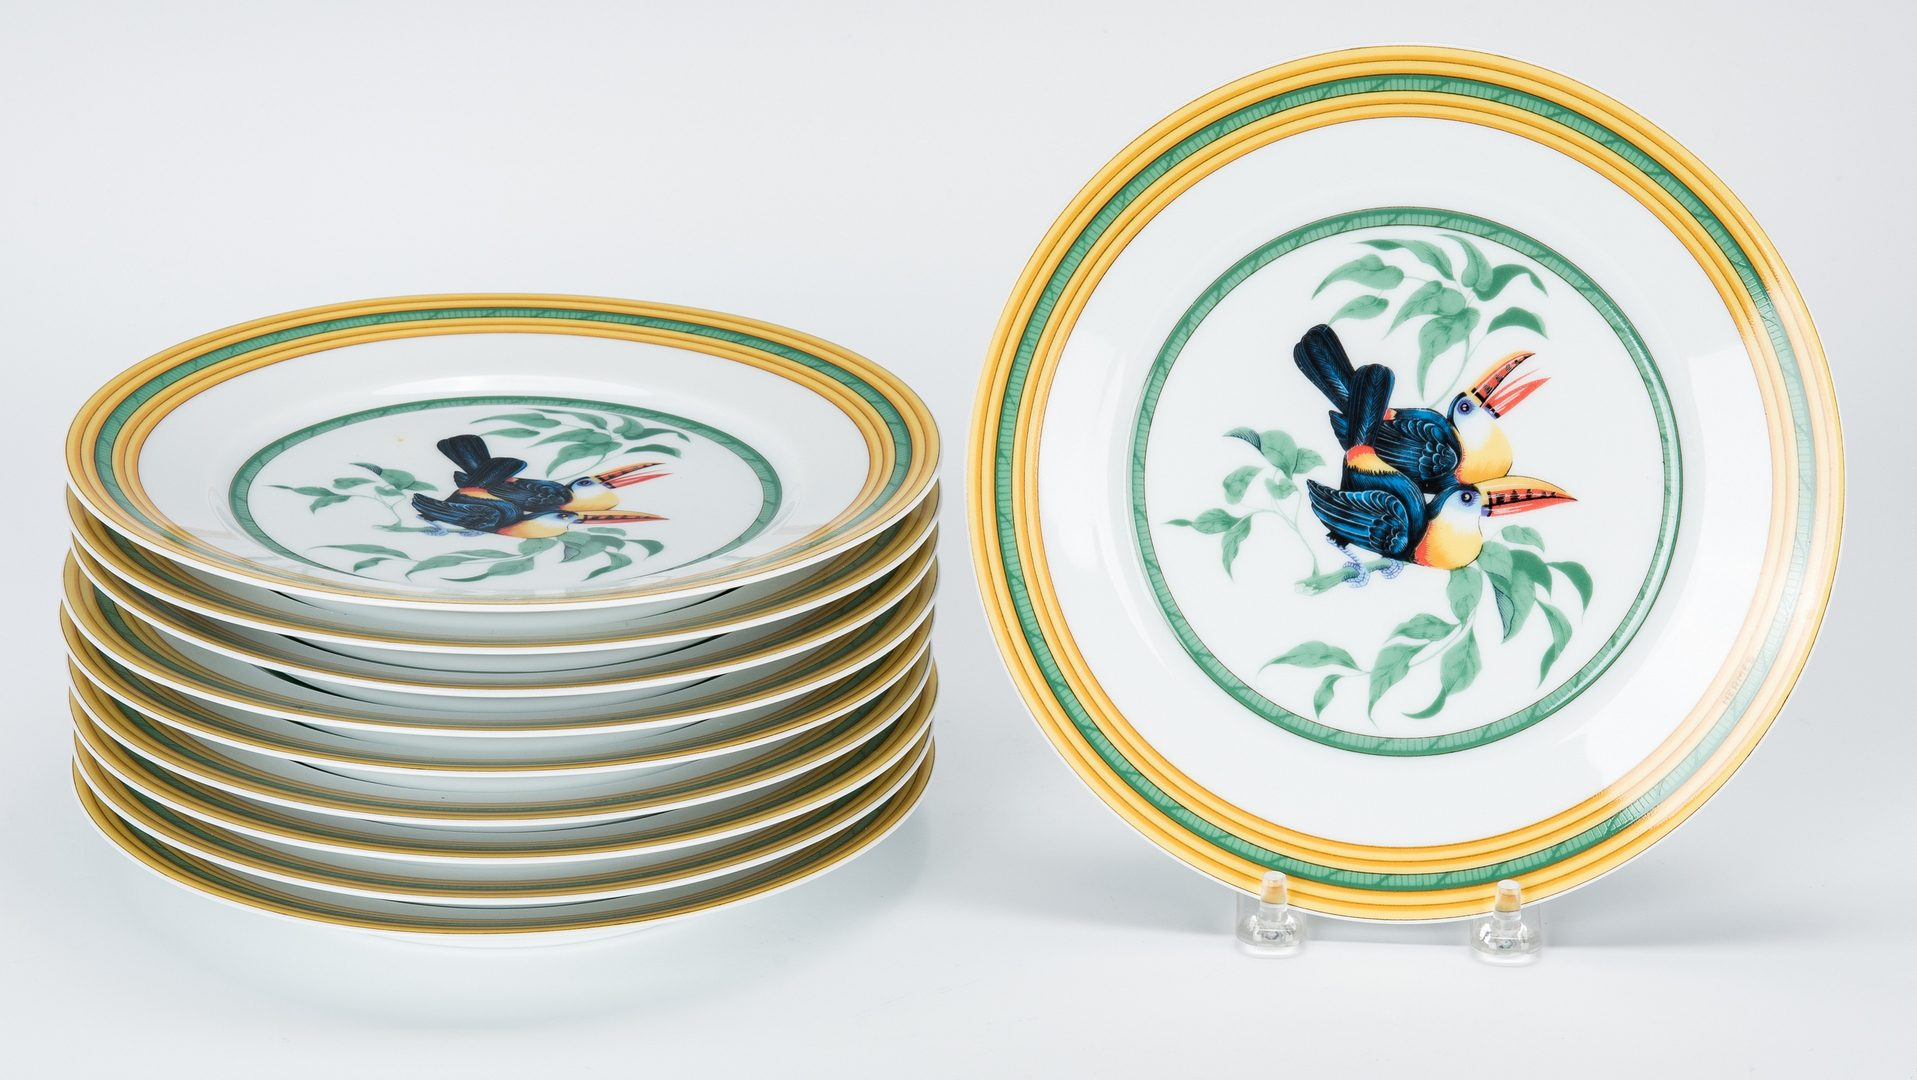 Lot 259: Hermes Paris Toucans Pattern Porcelain Dinnerware Set, 40 pcs.